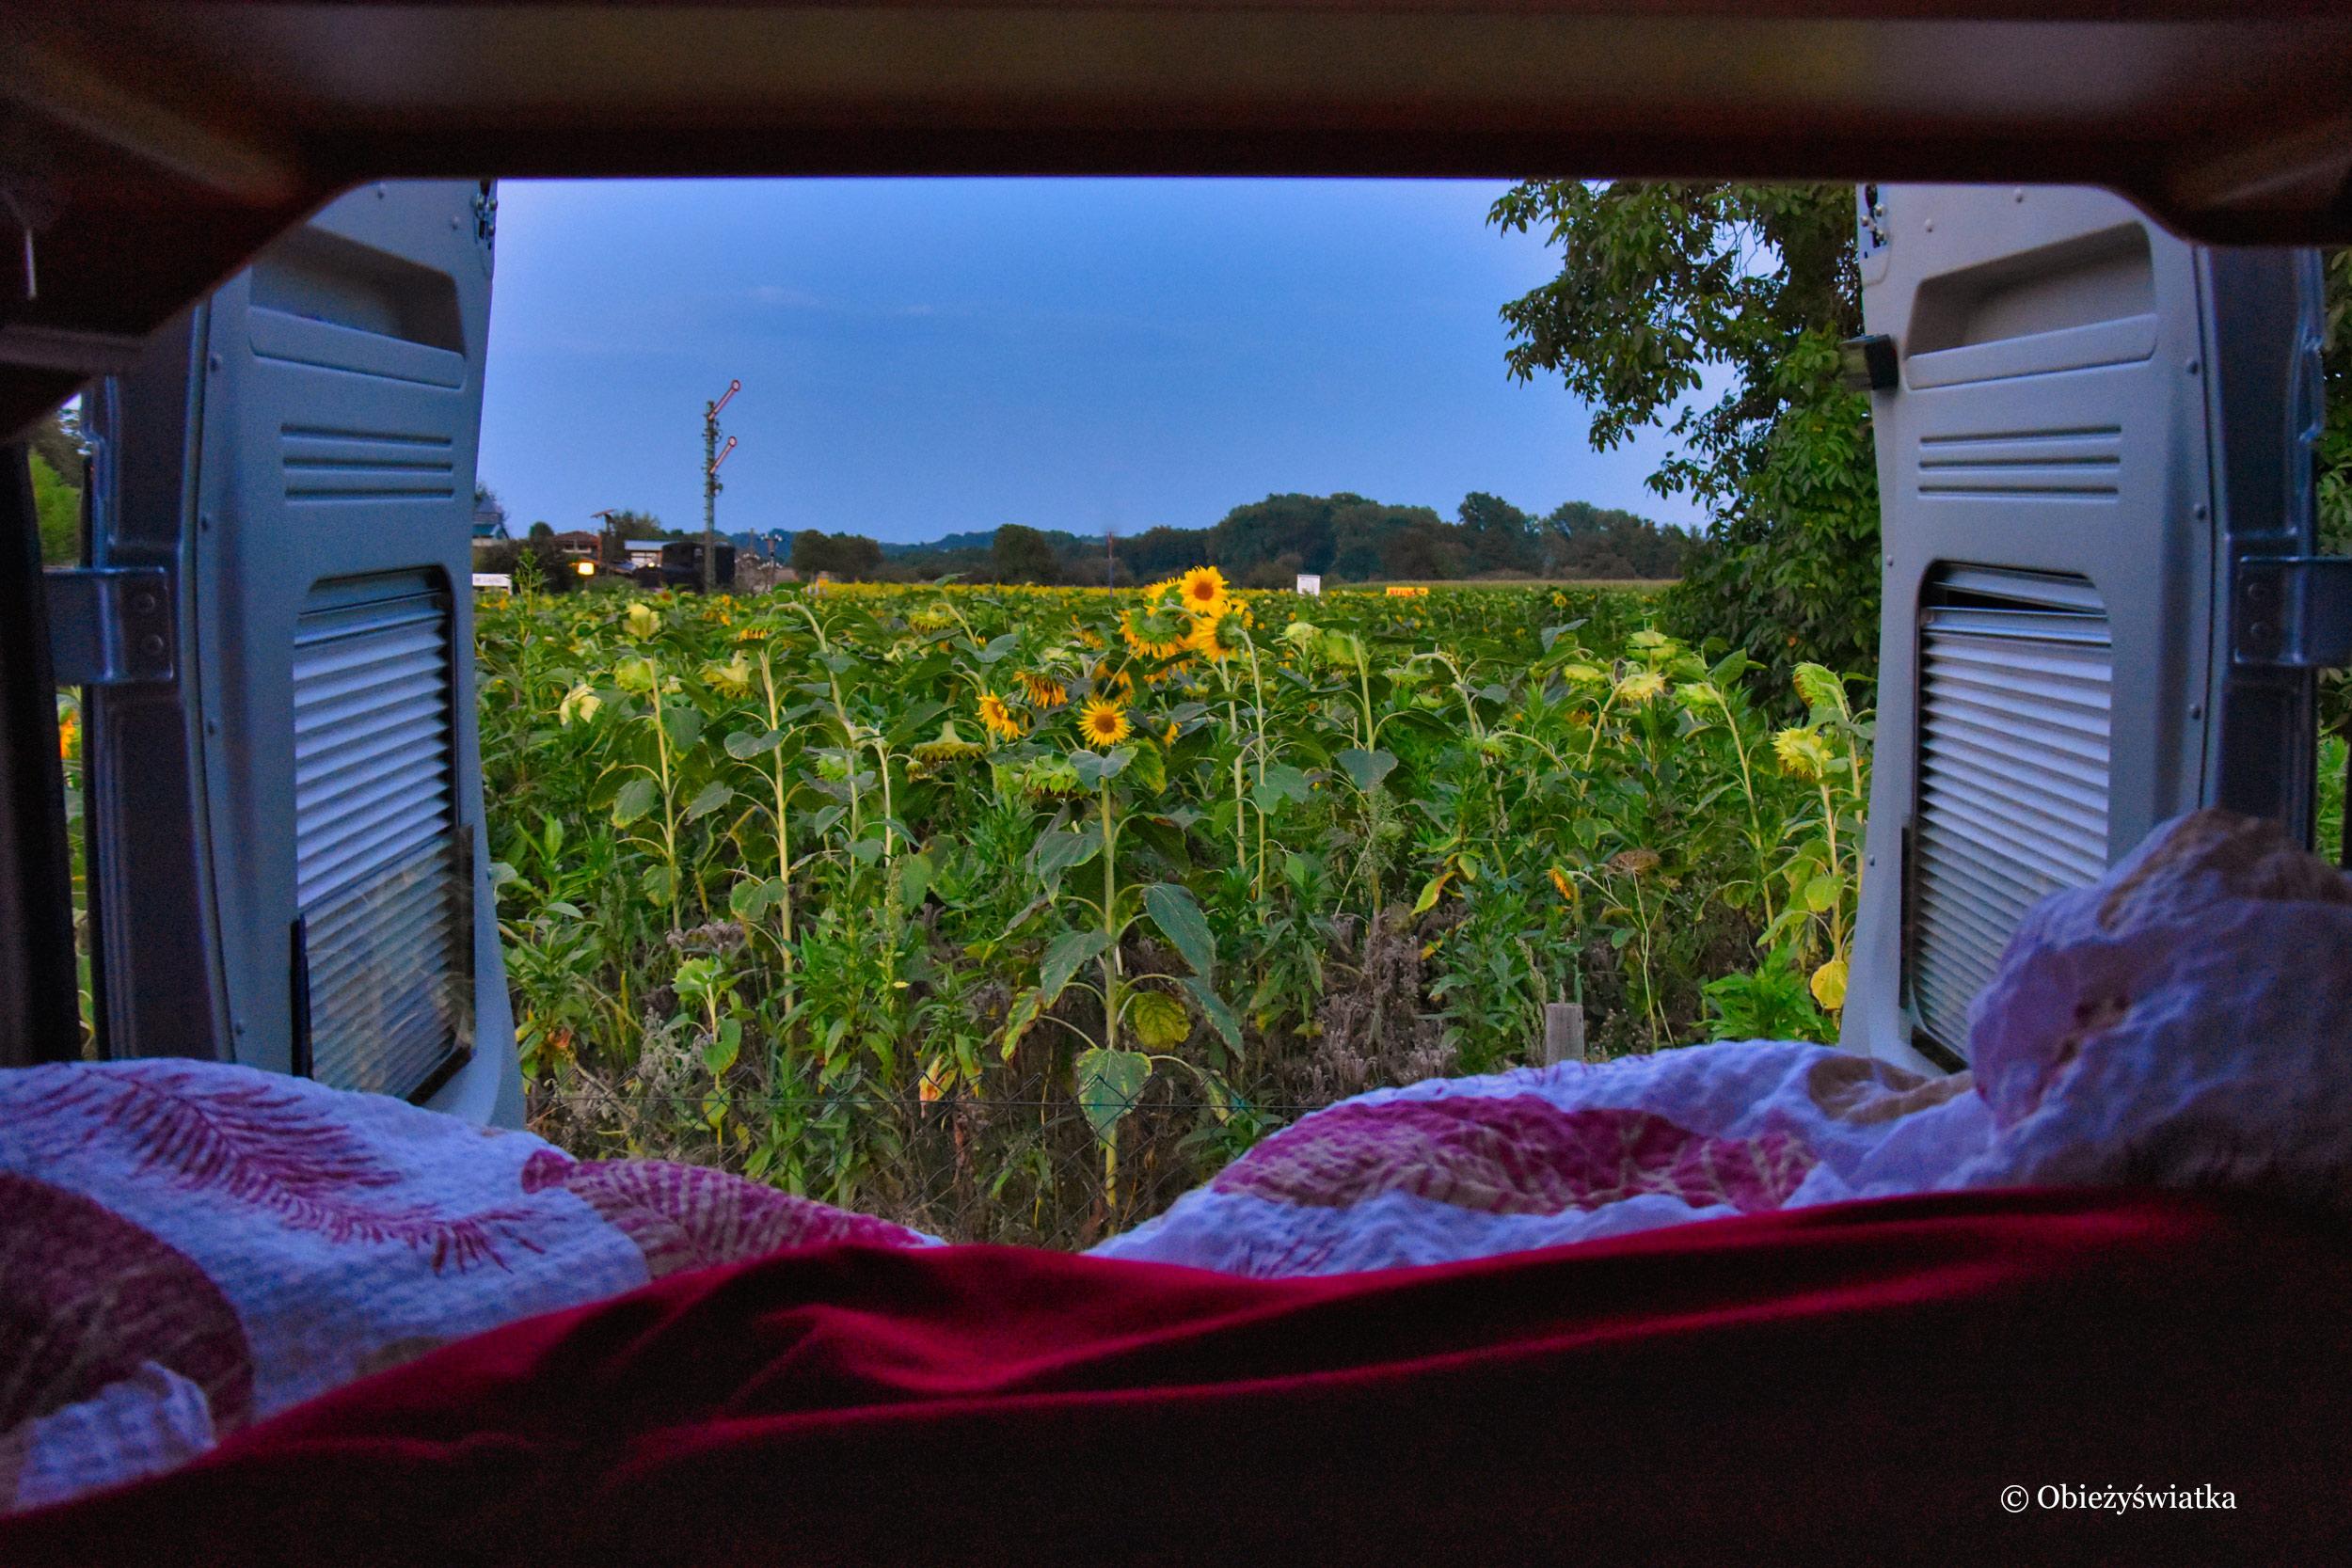 Kamperowa sypialnia z widokiem na pole słoneczników, Niemcy